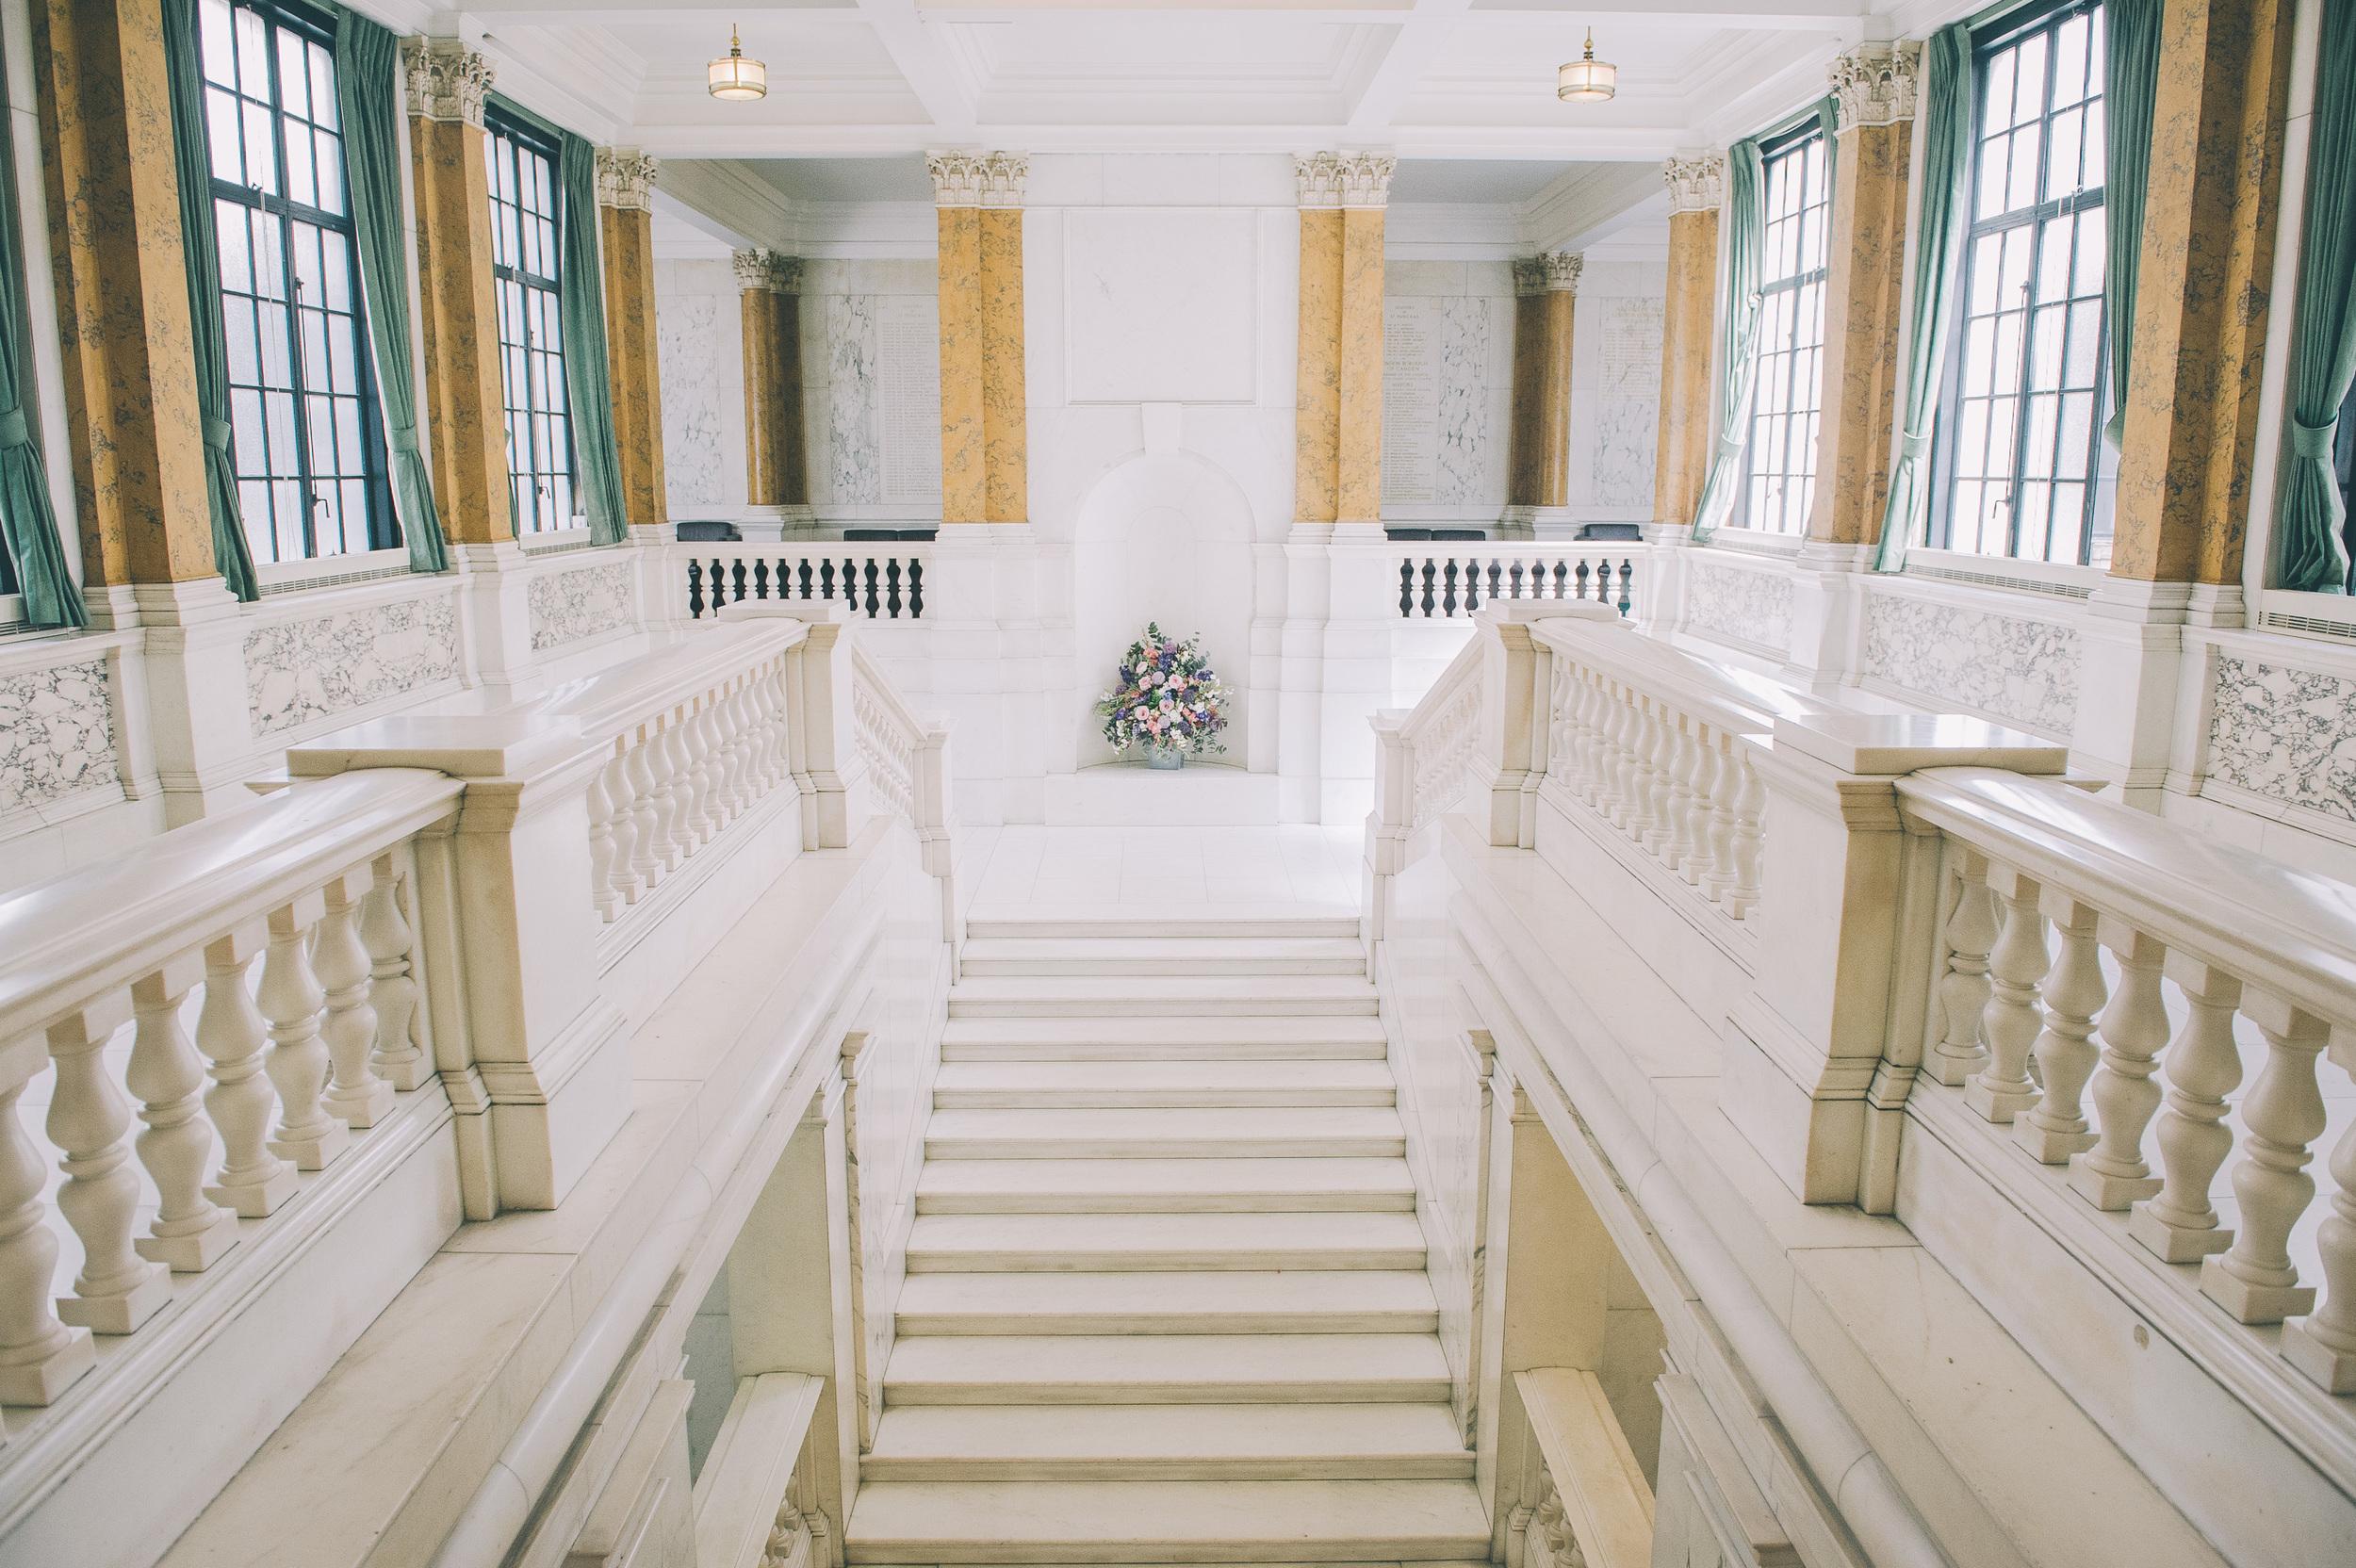 camden town hall interior